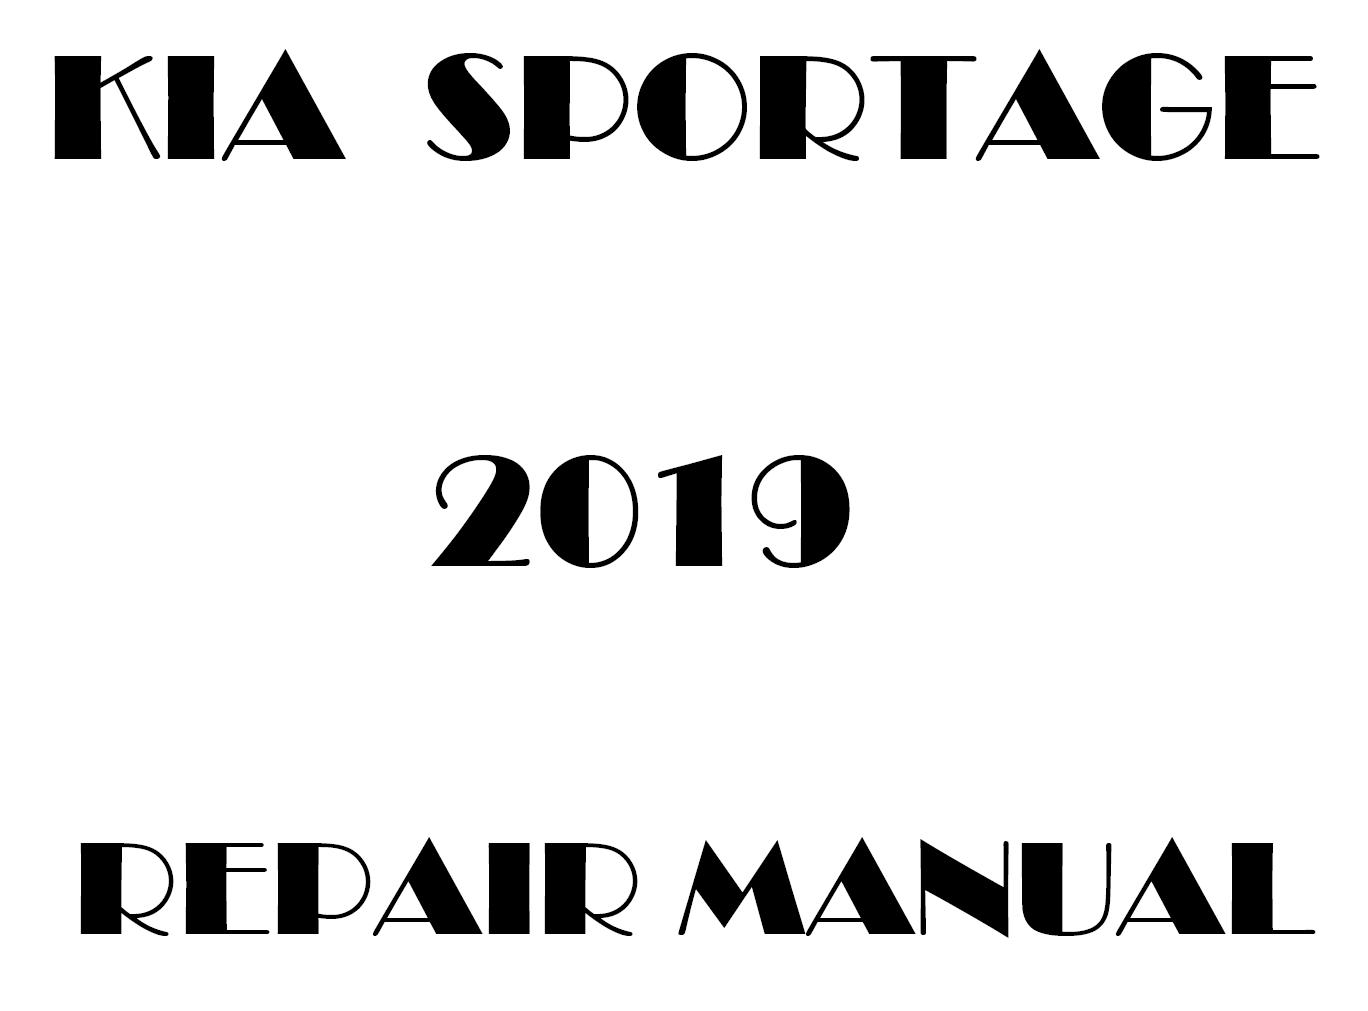 2019 Kia Sportage repair manual